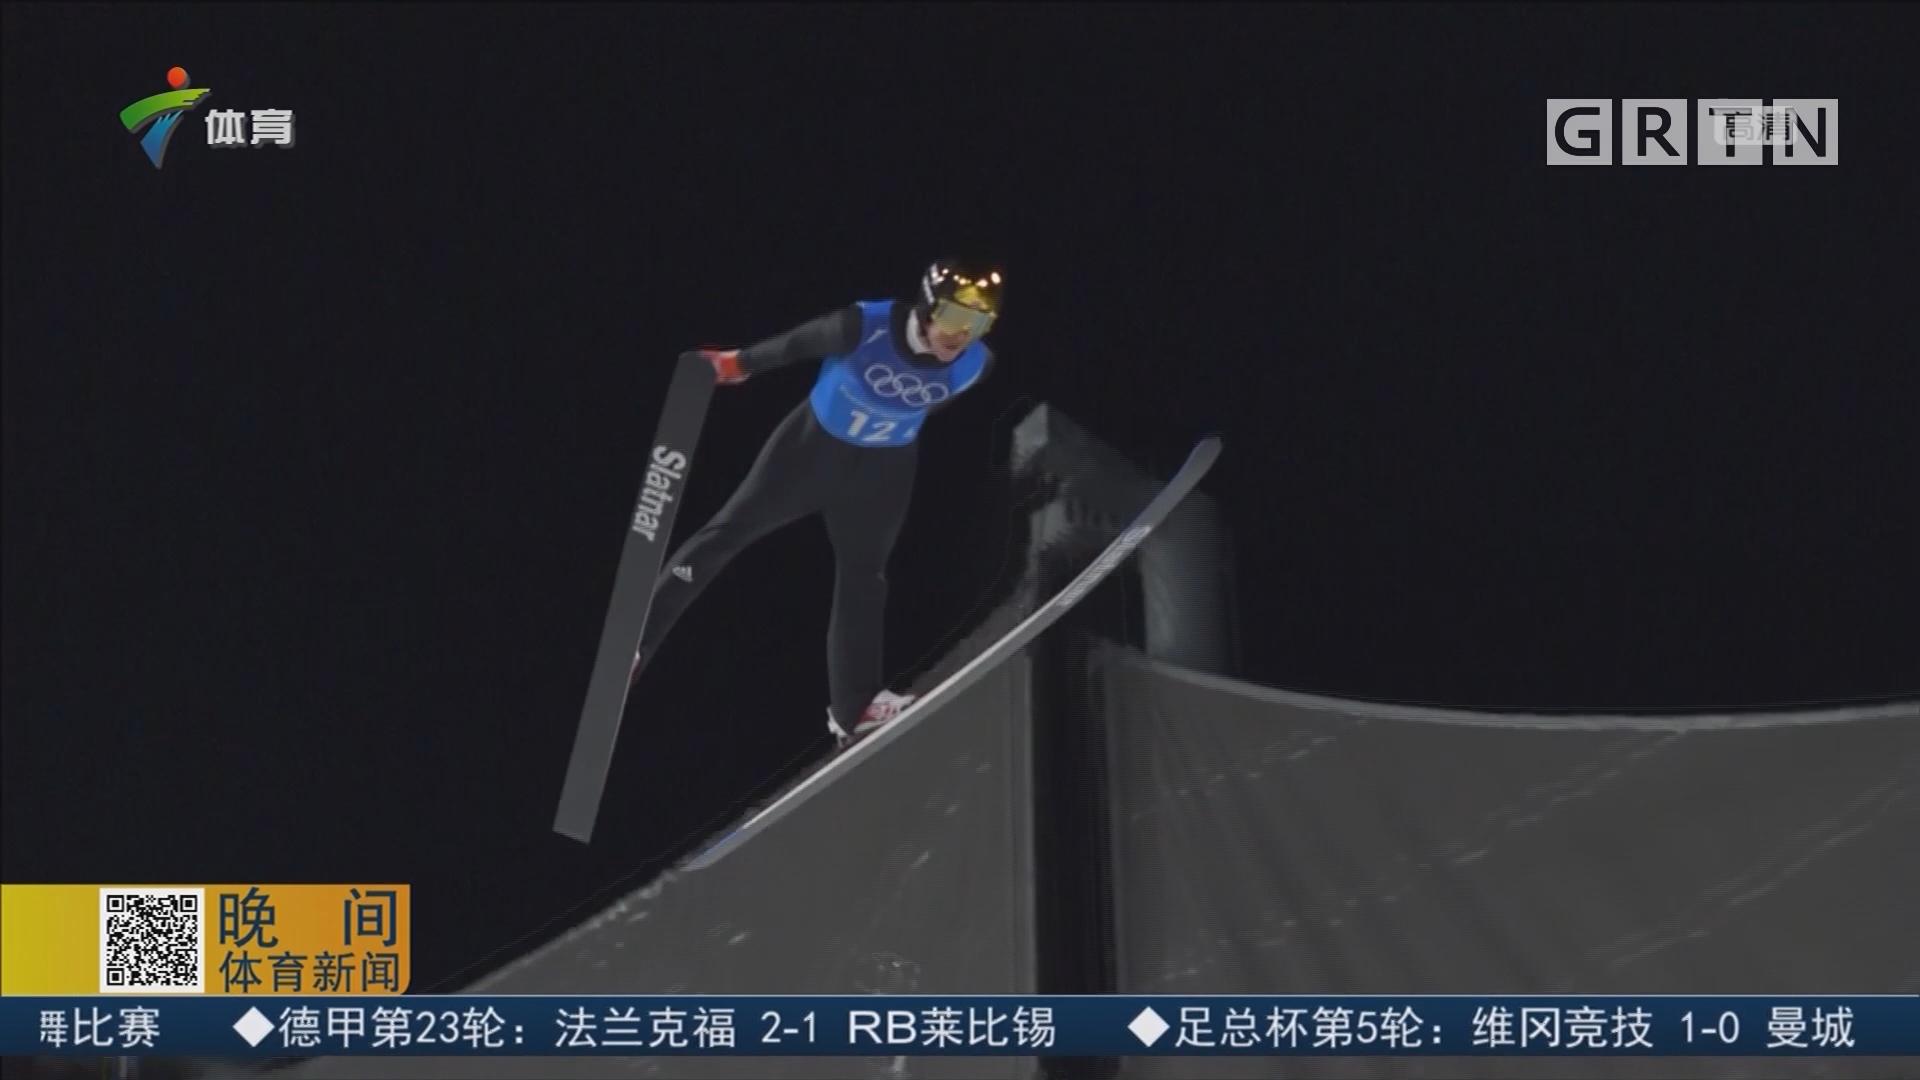 冬奥跳台滑雪男子团体赛 挪威夺冠